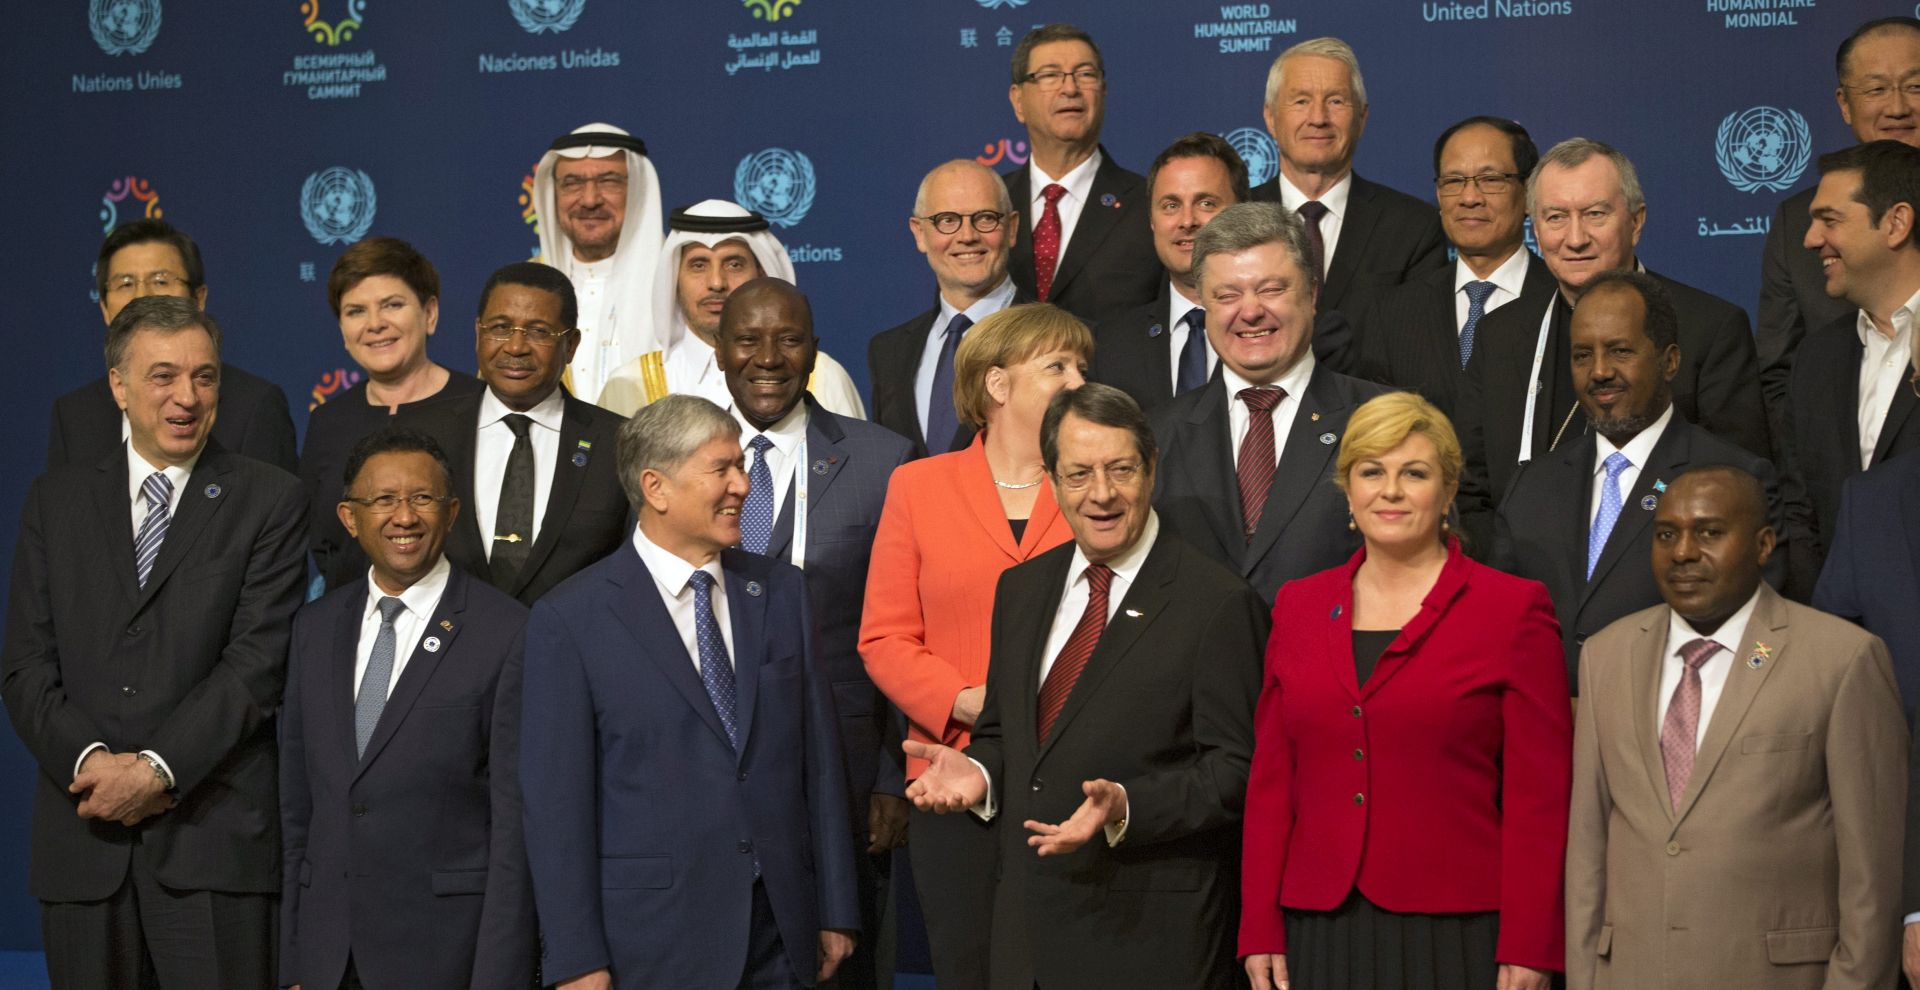 Počeo UN-ov humanitarni summit: Svijet pred najvećim izazovom od Drugog svjetskog rata